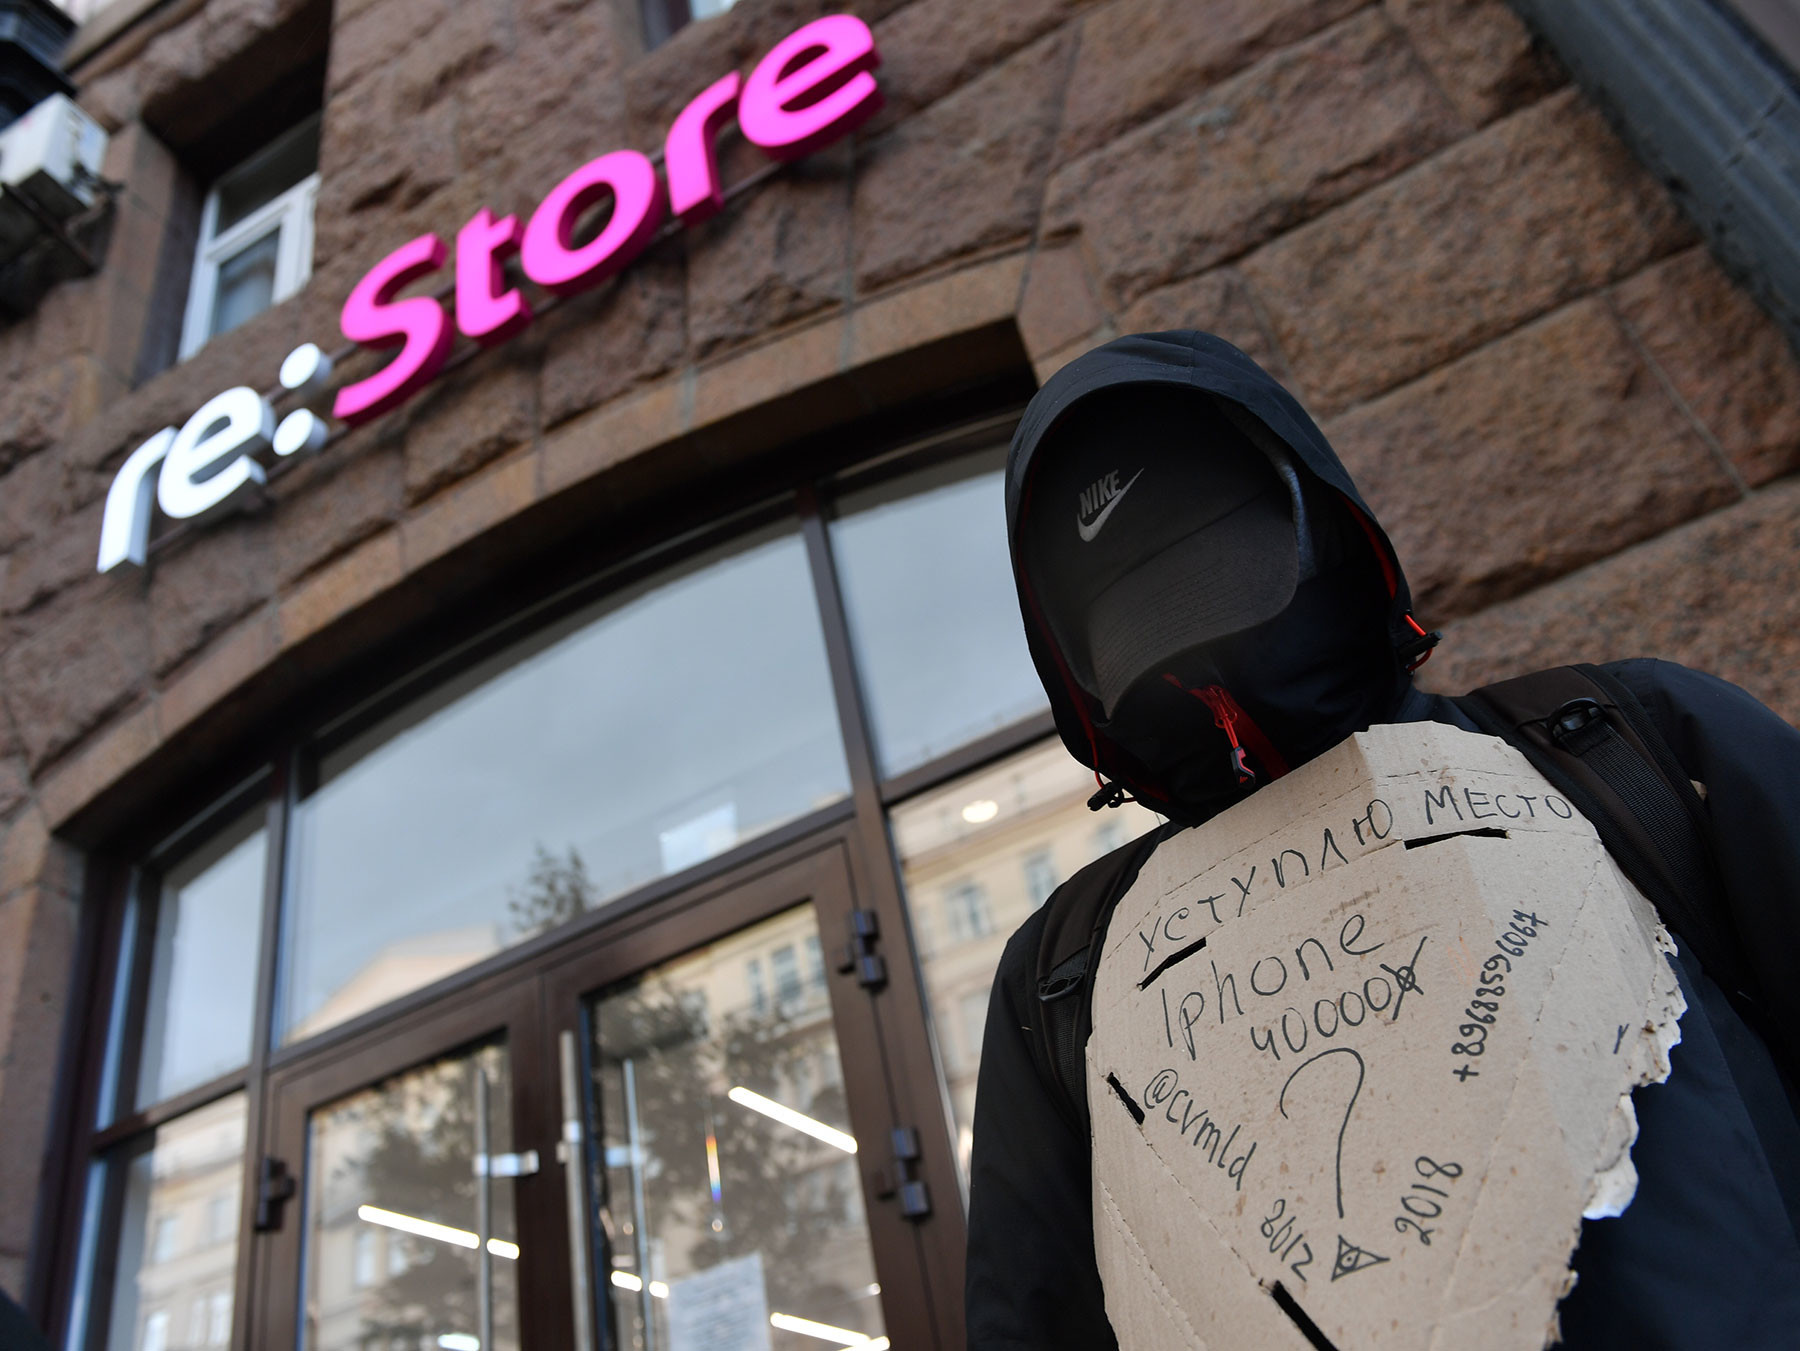 У магазина re:Store на Тверской улице в Москве, где 28 сентября начнутся продажи новых iPhone XS и iPhone XS Max. Фото: © РИА Новости / Евгения Новоженина